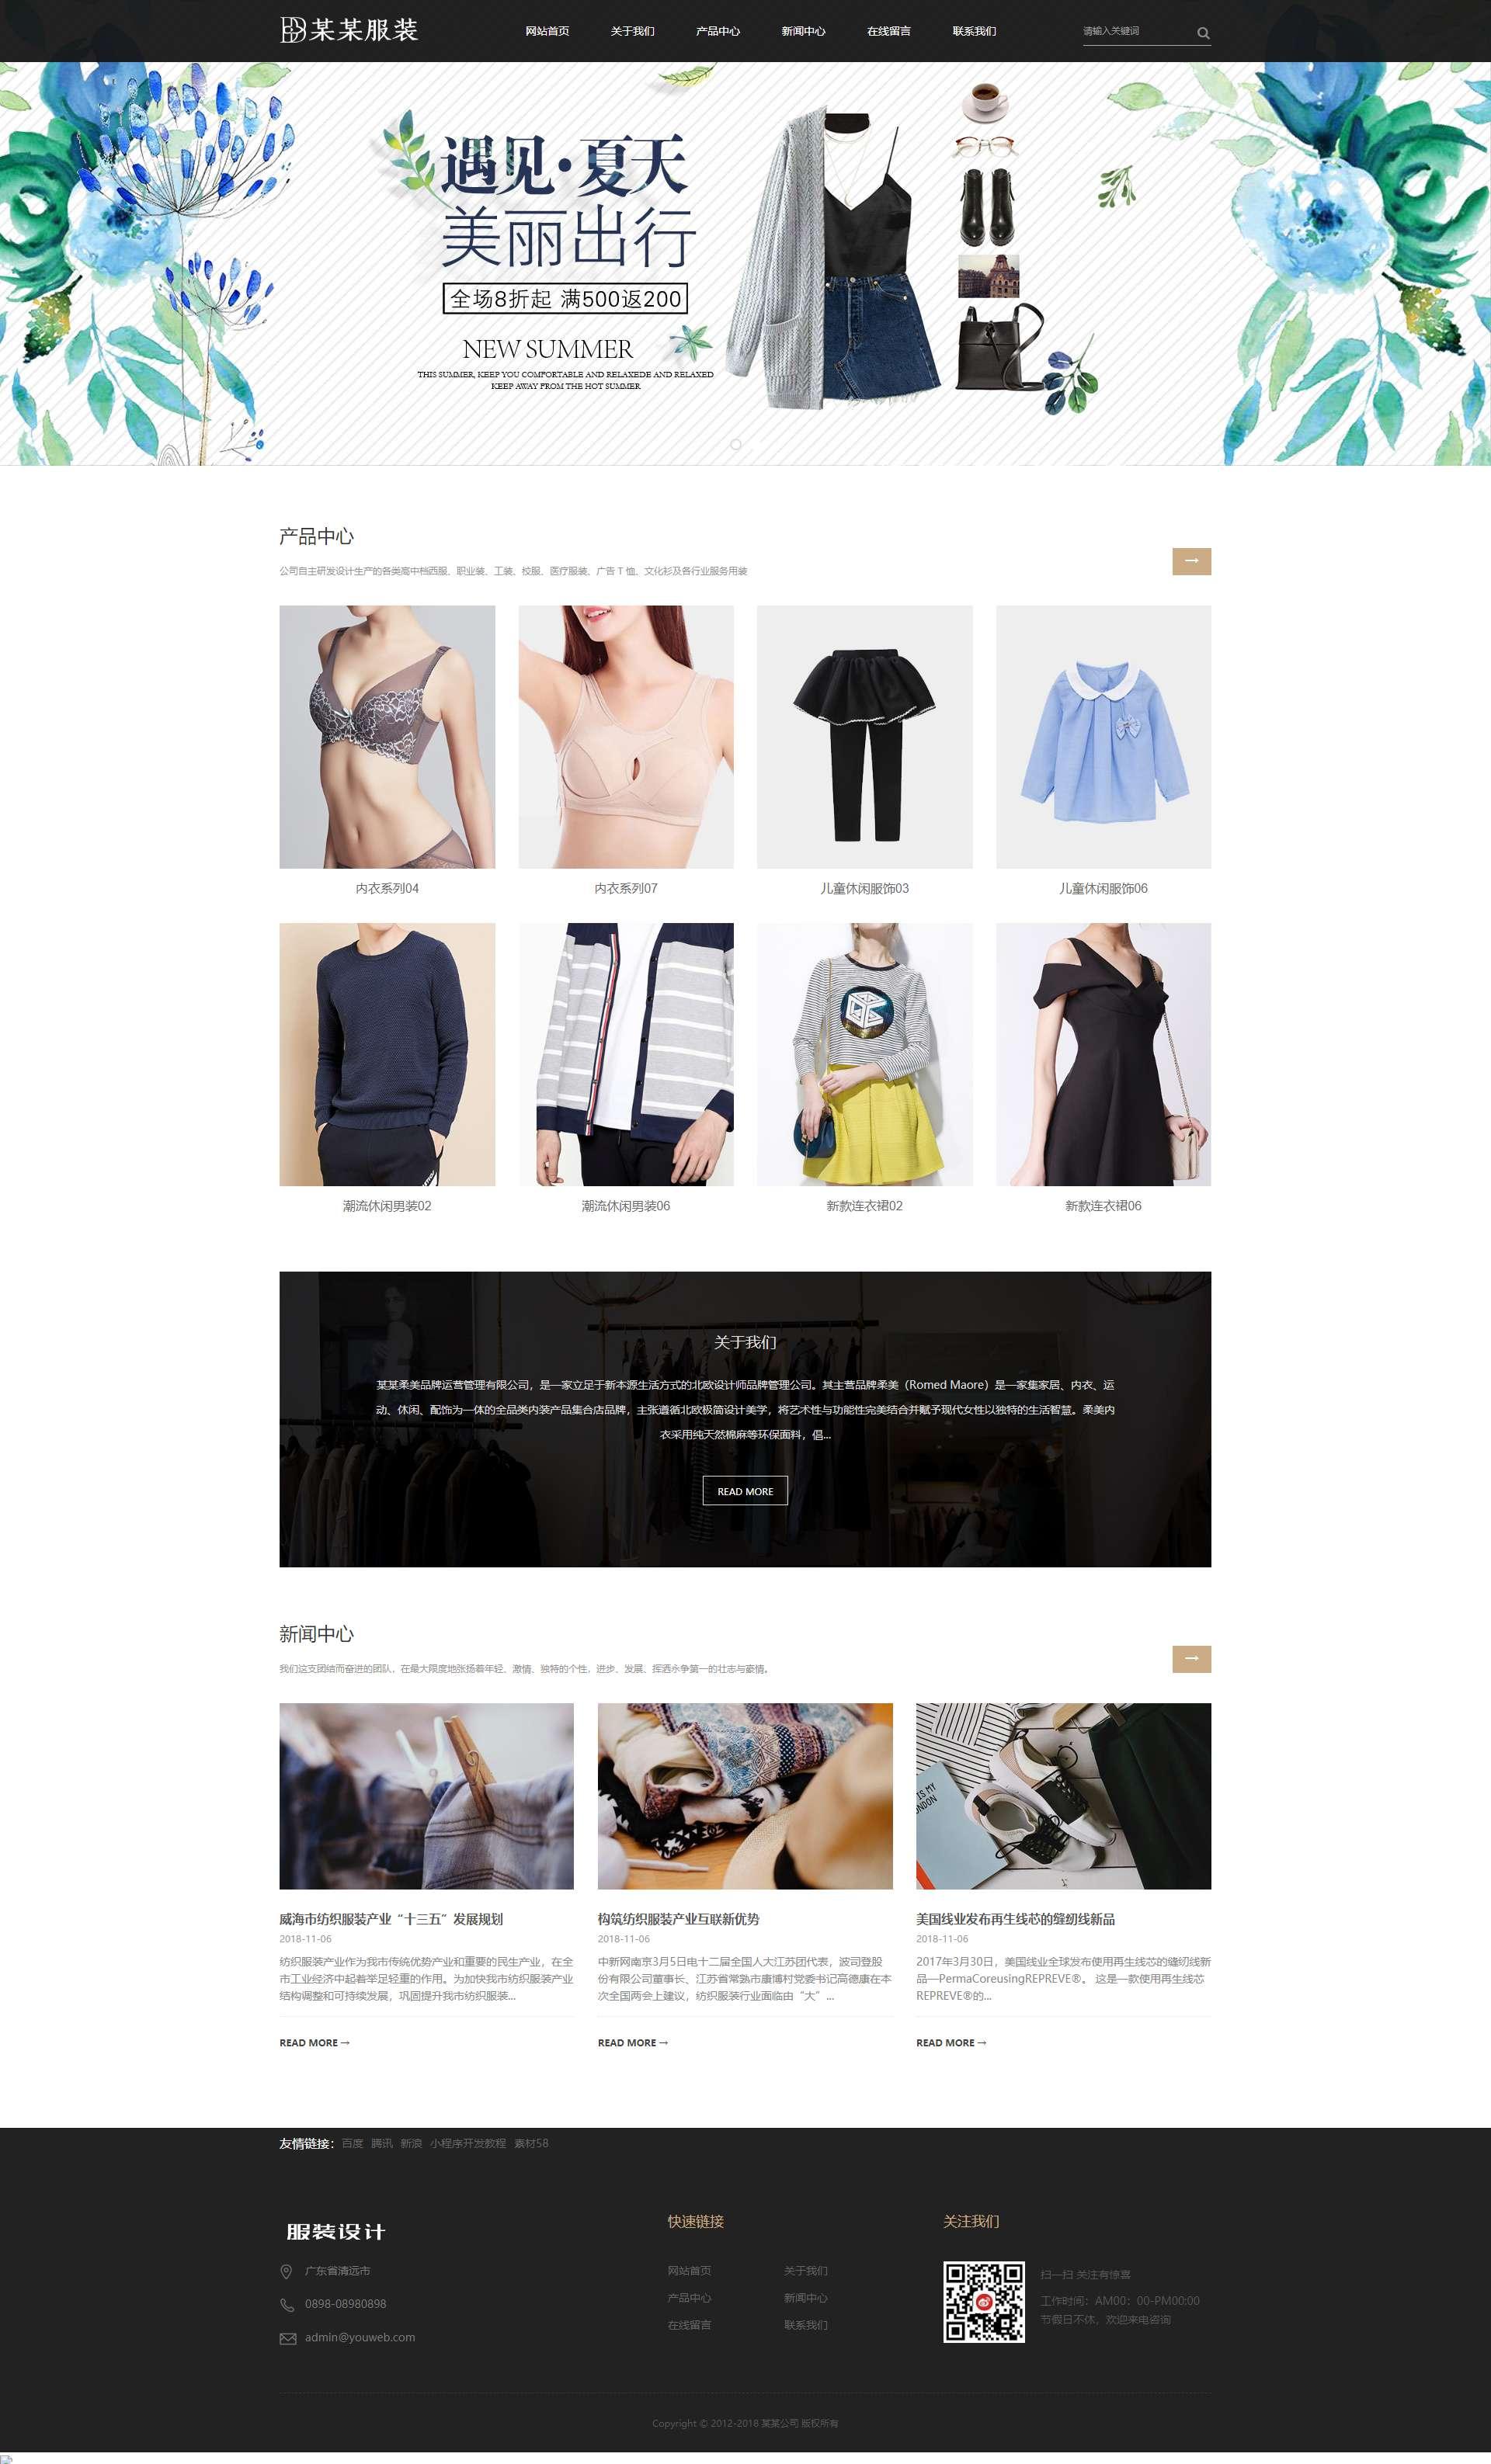 服装设计服装厂商网站建设模板(响应式)